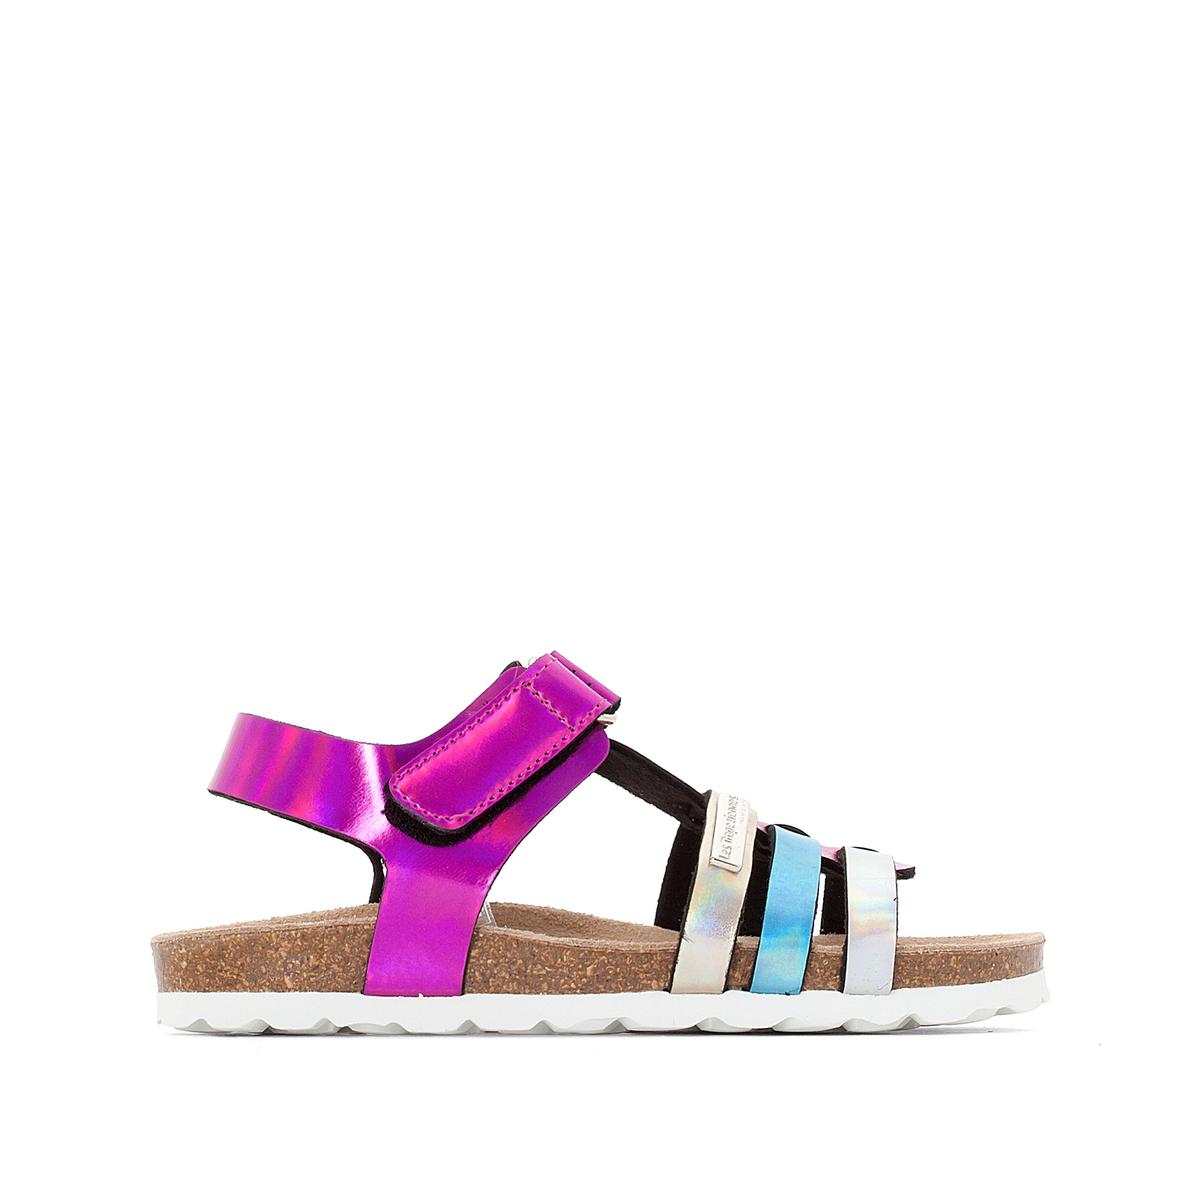 Босоножки на планке-велкро PolinaВерх : синтетика   Подкладка : синтетика   Стелька : кожа   Подошва : синтетика   Форма каблука : плоский каблук   Мысок : закругленный мысок  Застежка : планка-велкро<br><br>Цвет: розовый/разноцветный